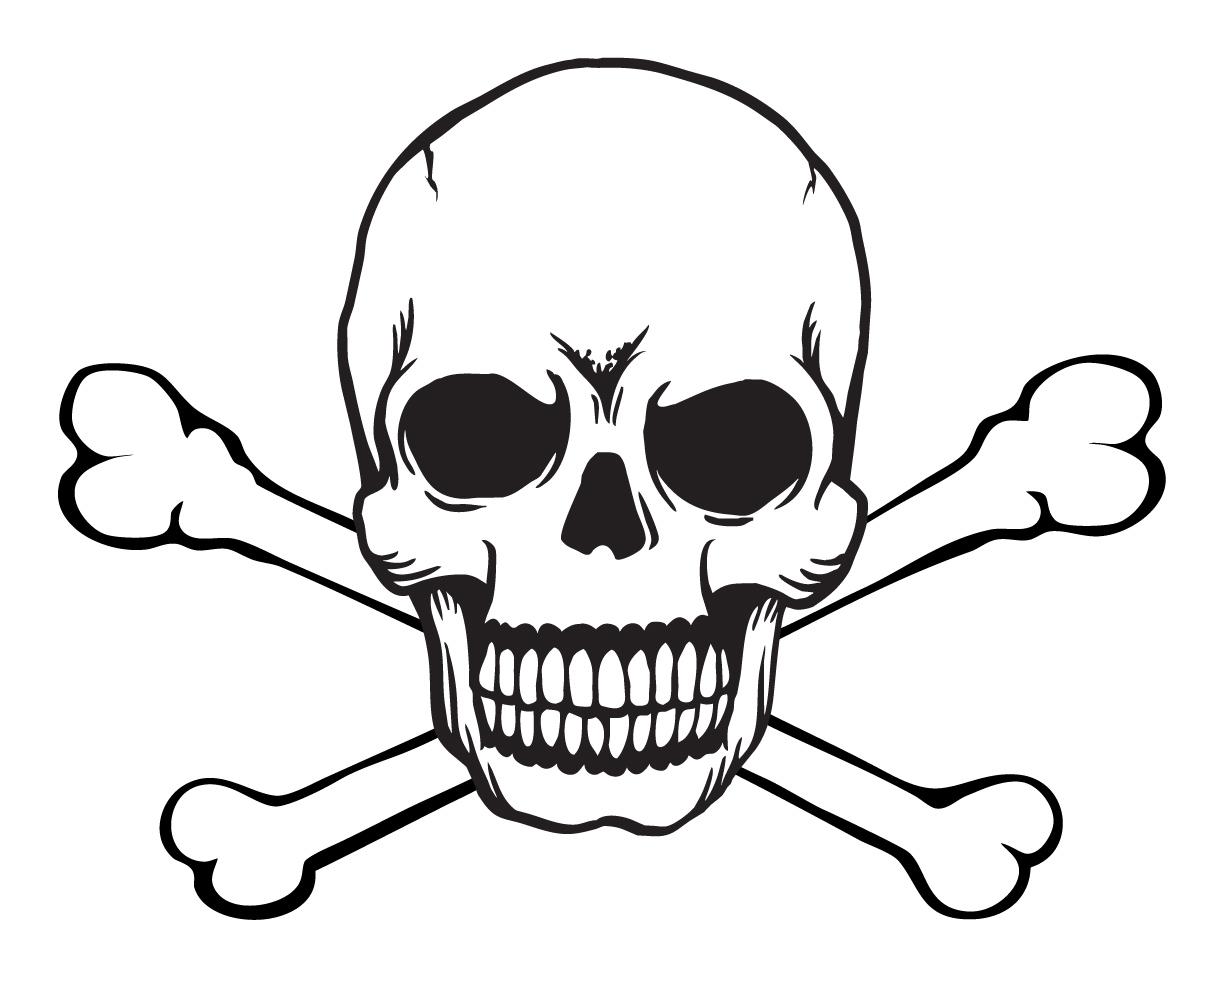 Free Vector Skull And Crossbones 133000 Skull And Crossbones Jpg